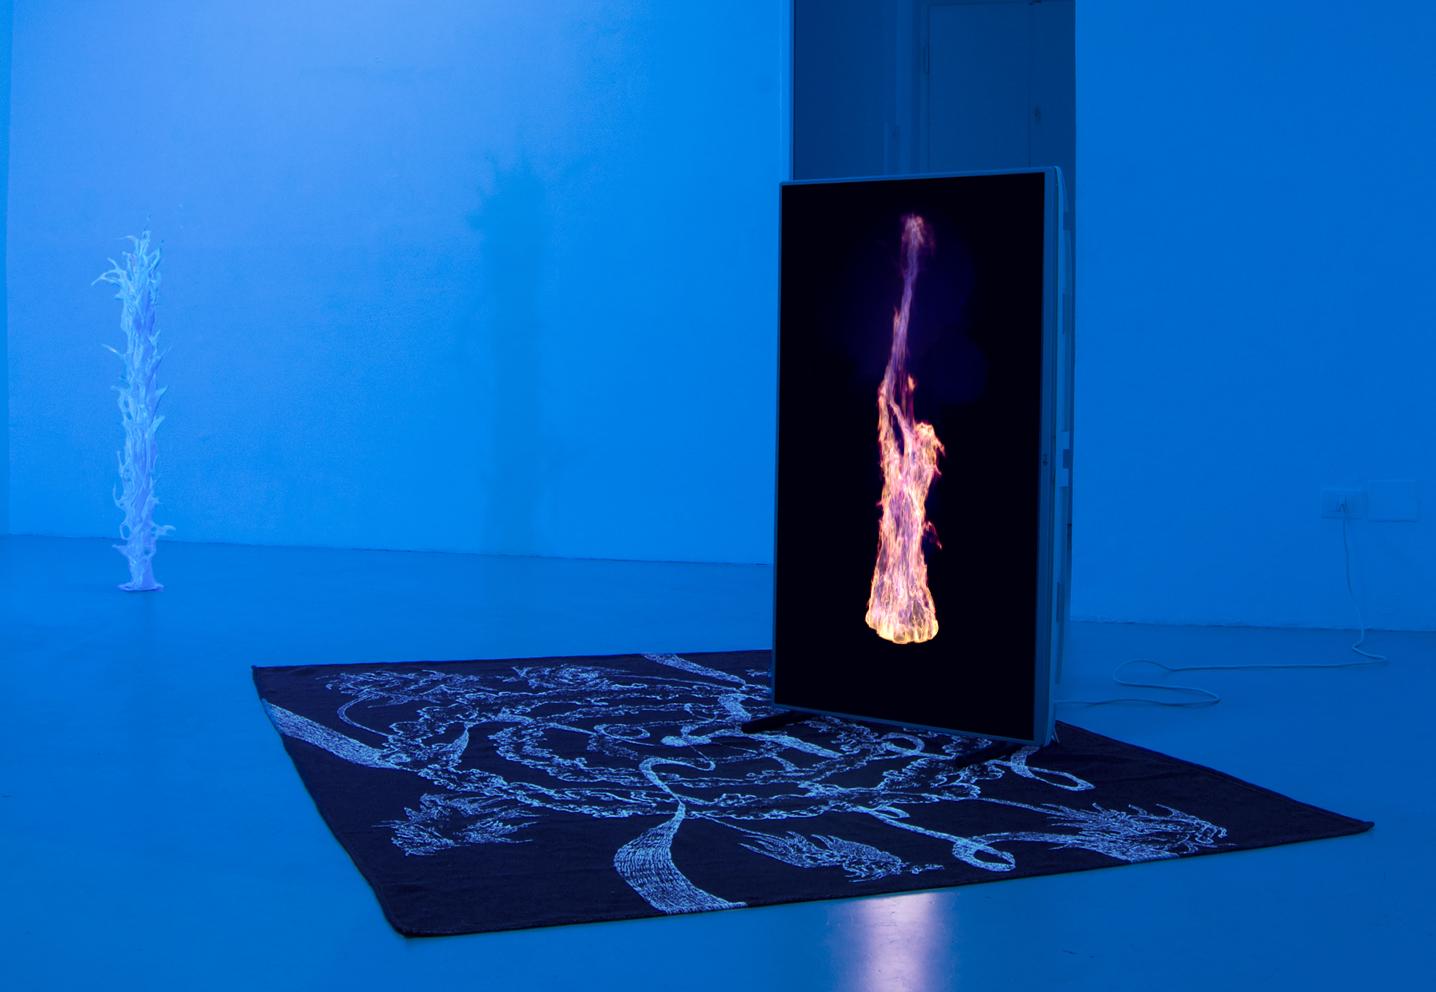 5 Paolo Brambilla - Fiordiluna, exhibition view, Dimora Artica.jpg